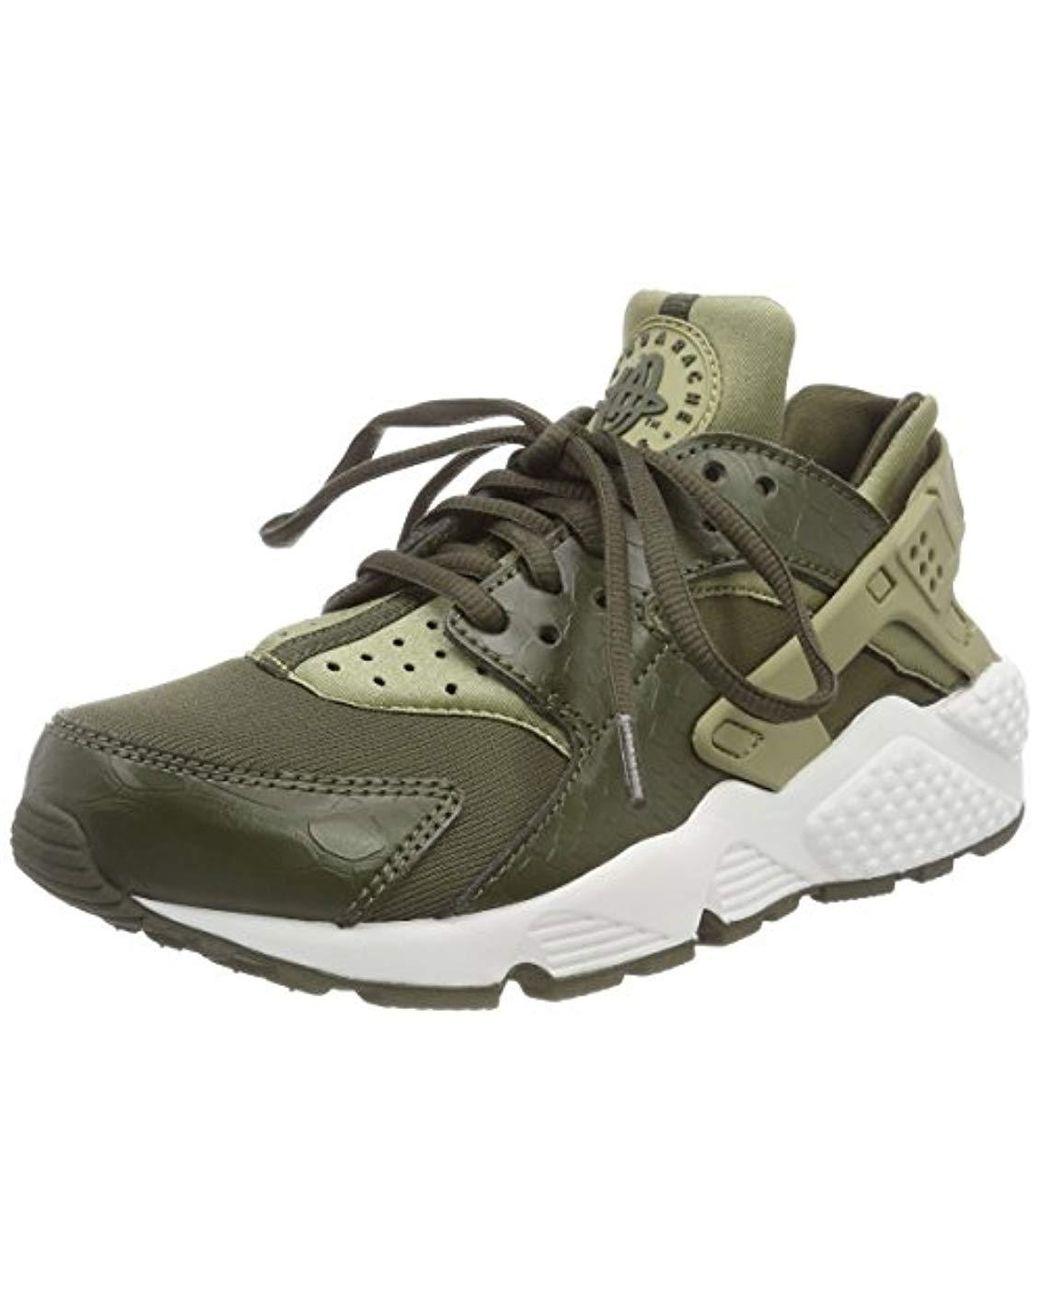 6fb189c0f14e Nike  s Air Huarache Run Shoes in Green - Lyst